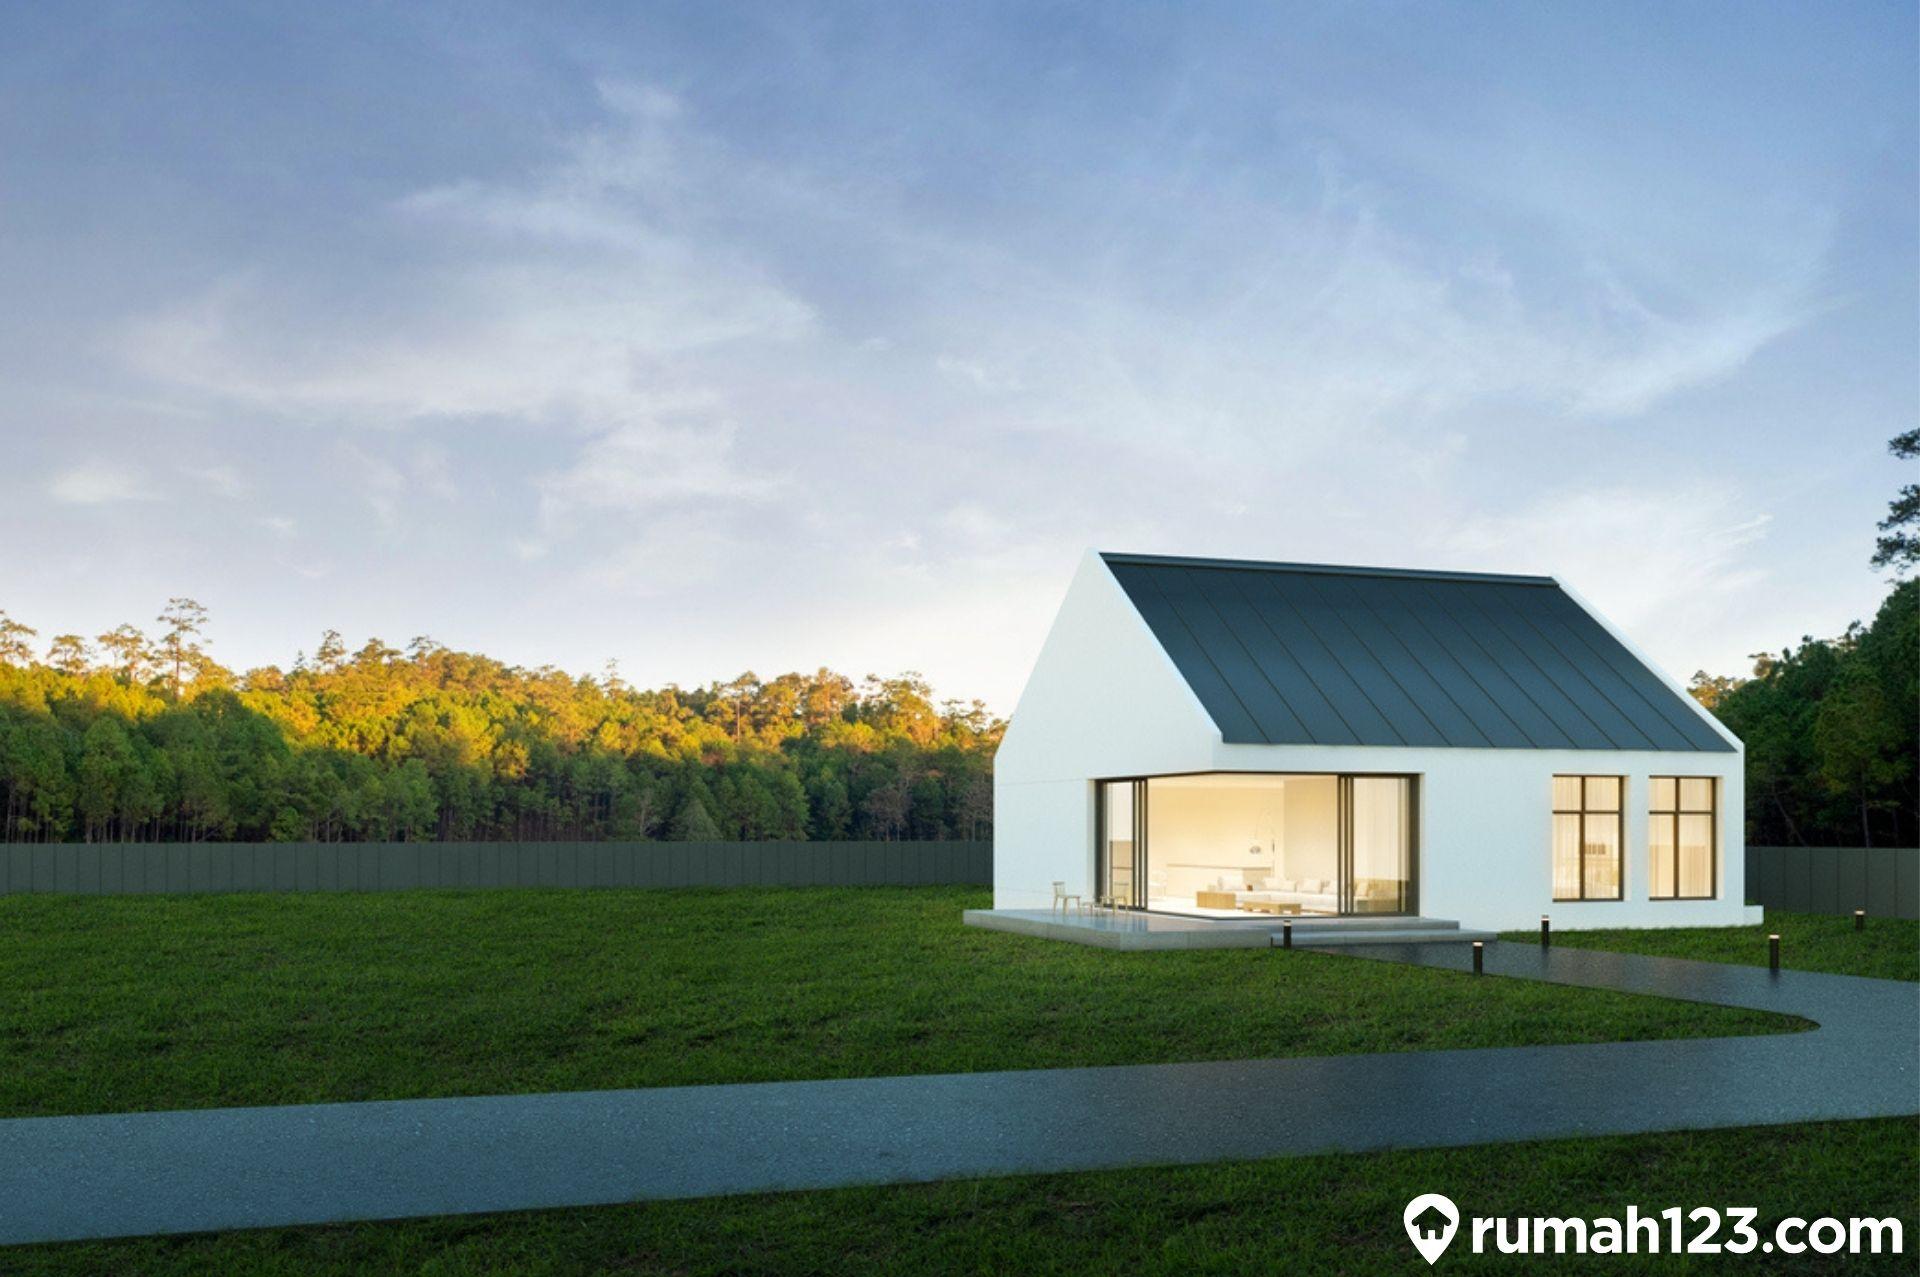 11 Desain Rumah Sederhana Yang Hemat Budget Dan Mudah Ditiru Rumah123 Com